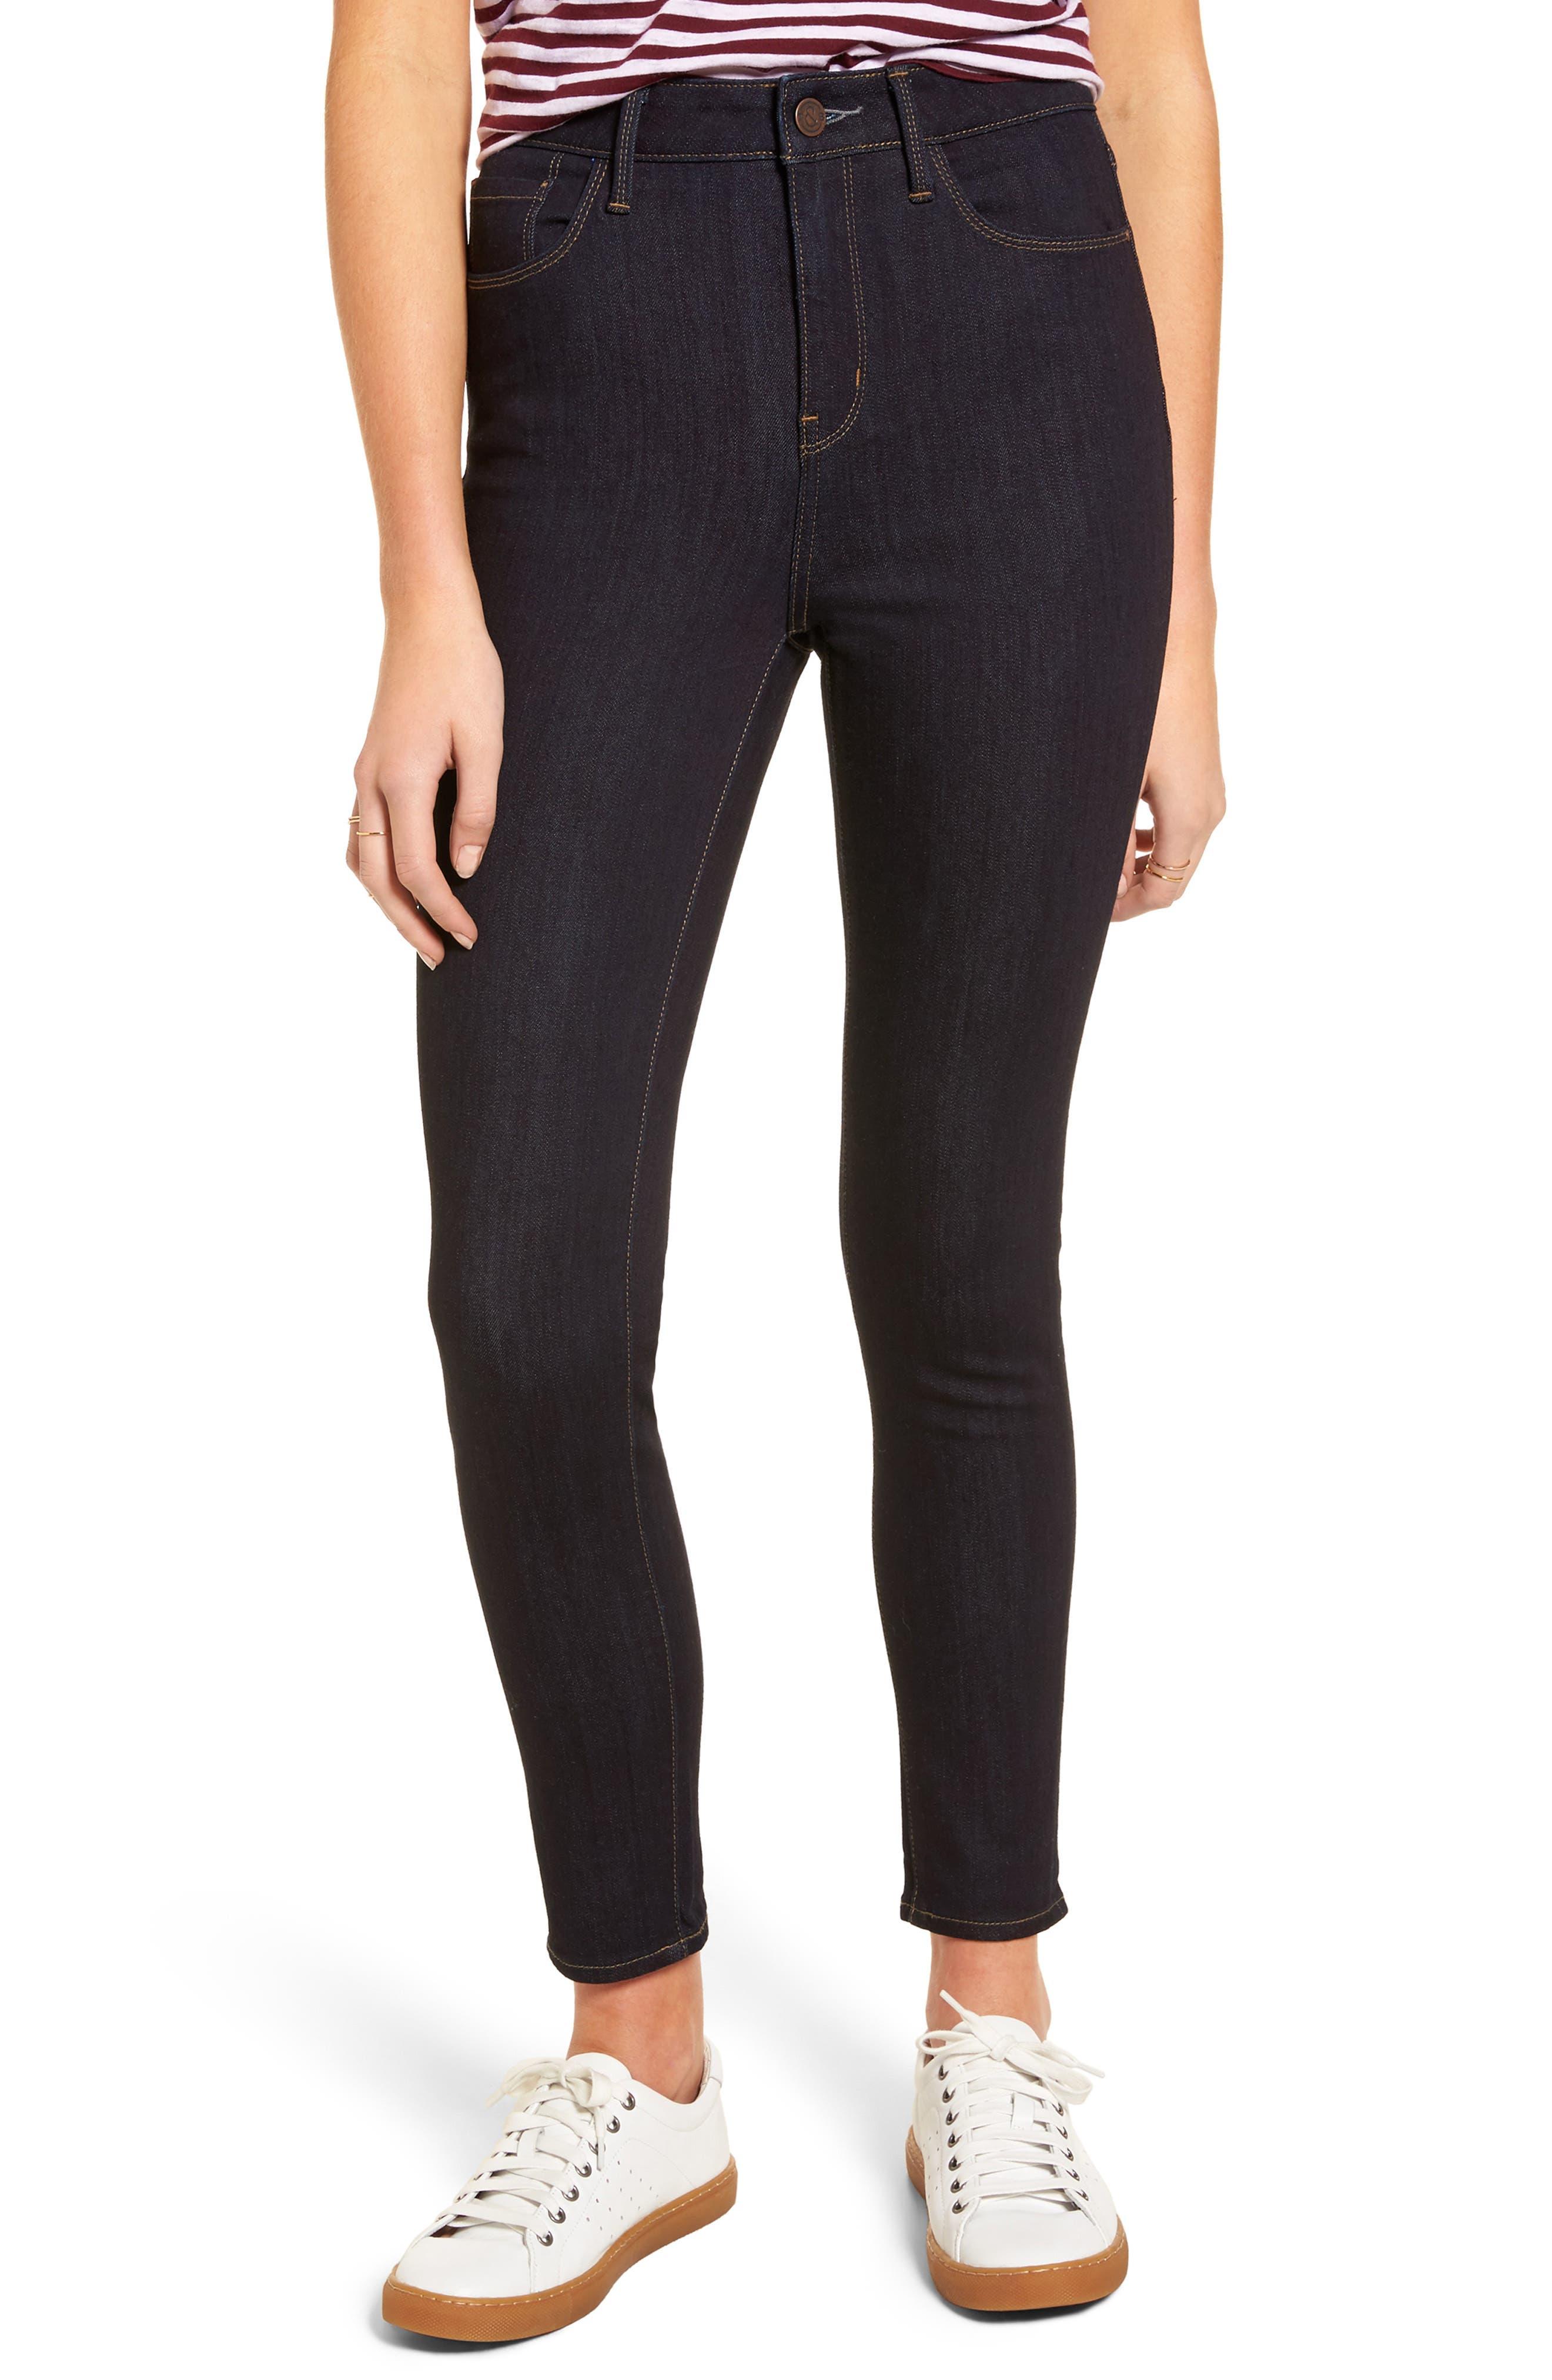 Treasure & Bond High Waist Ankle Skinny Jeans (Rinsed Indigo)